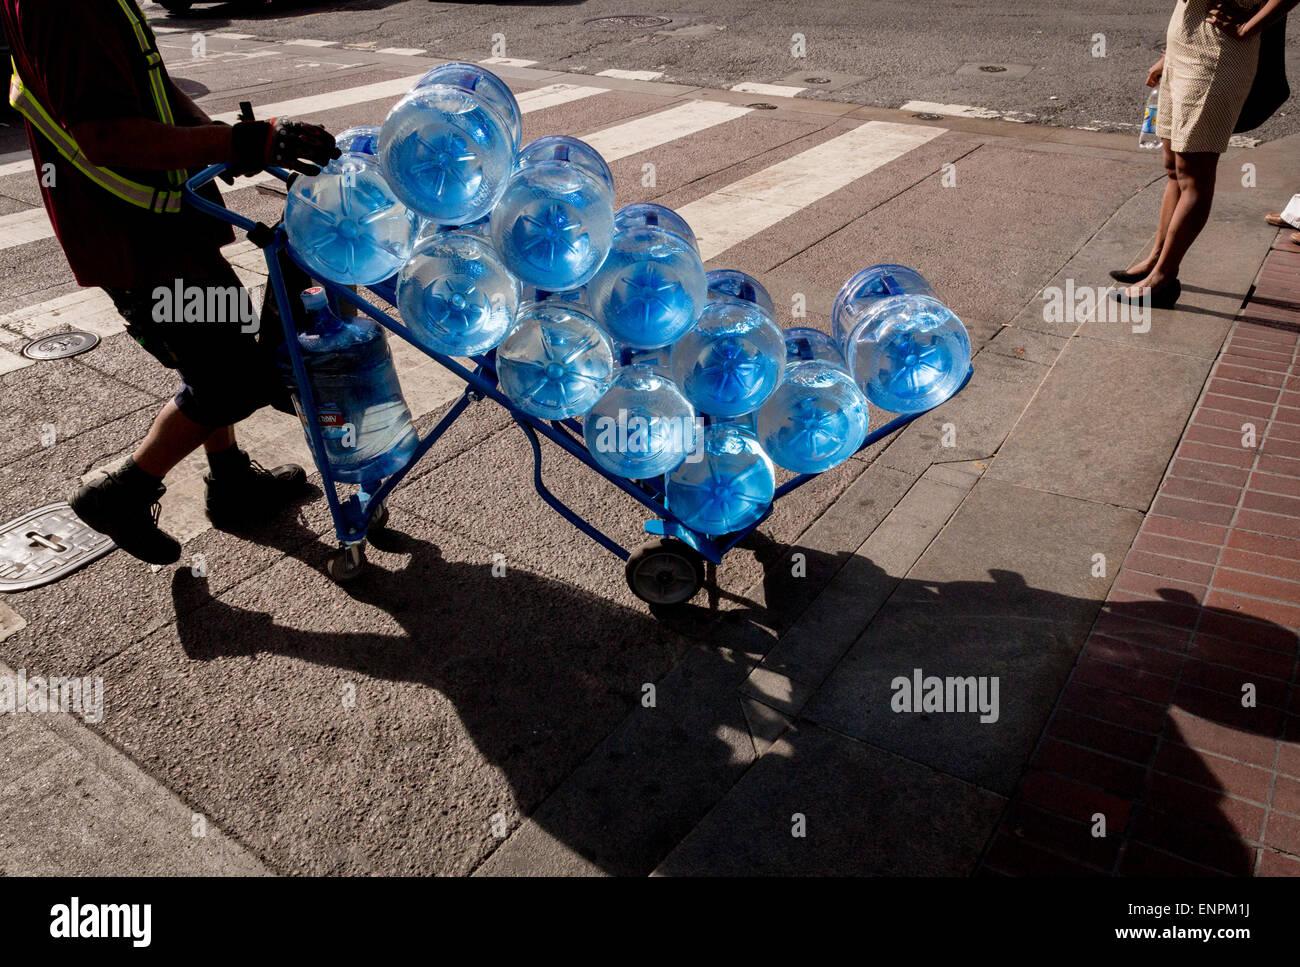 Un livreur roues a panier d'eau embouteillée dans une rue de San Francisco. Photo Stock